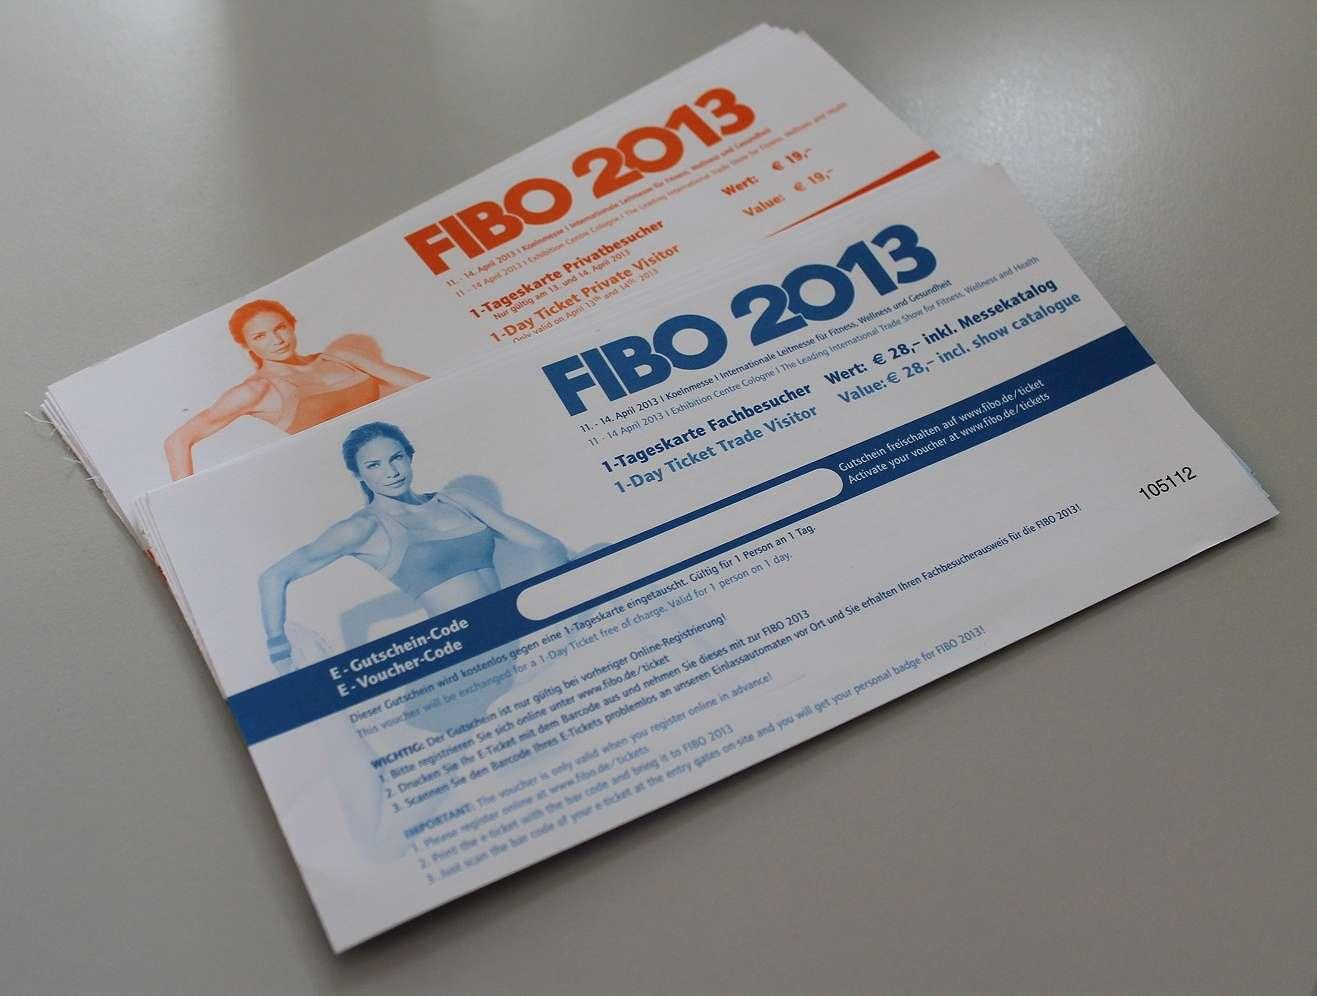 Eintrittskarten-Gutschein-Fibo